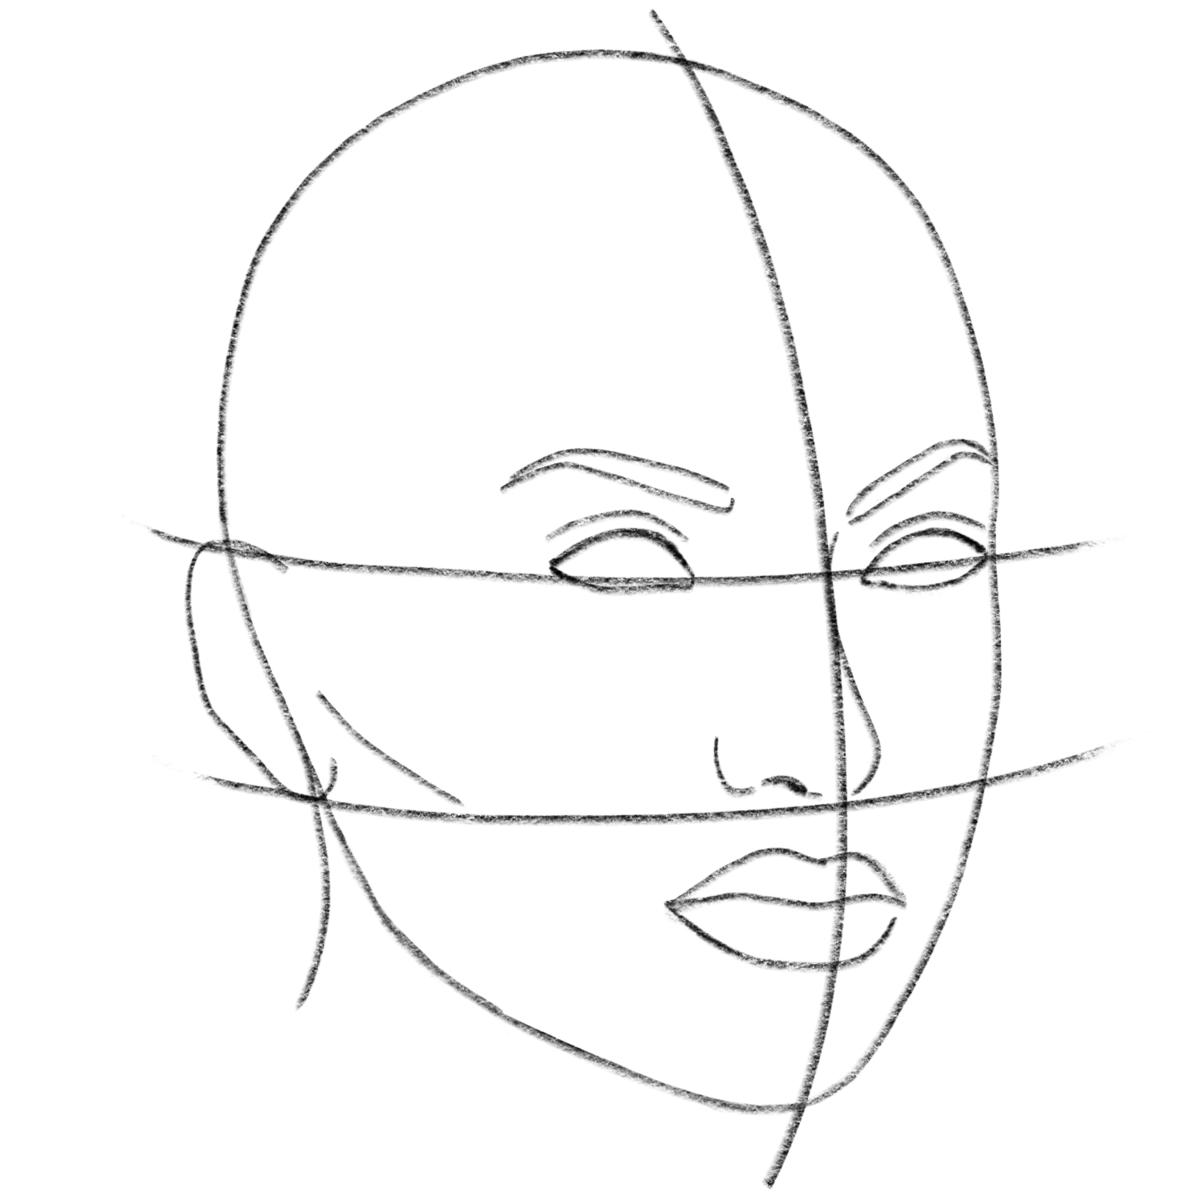 в картинках как нарисовать лицо человека поэтапно карандашом